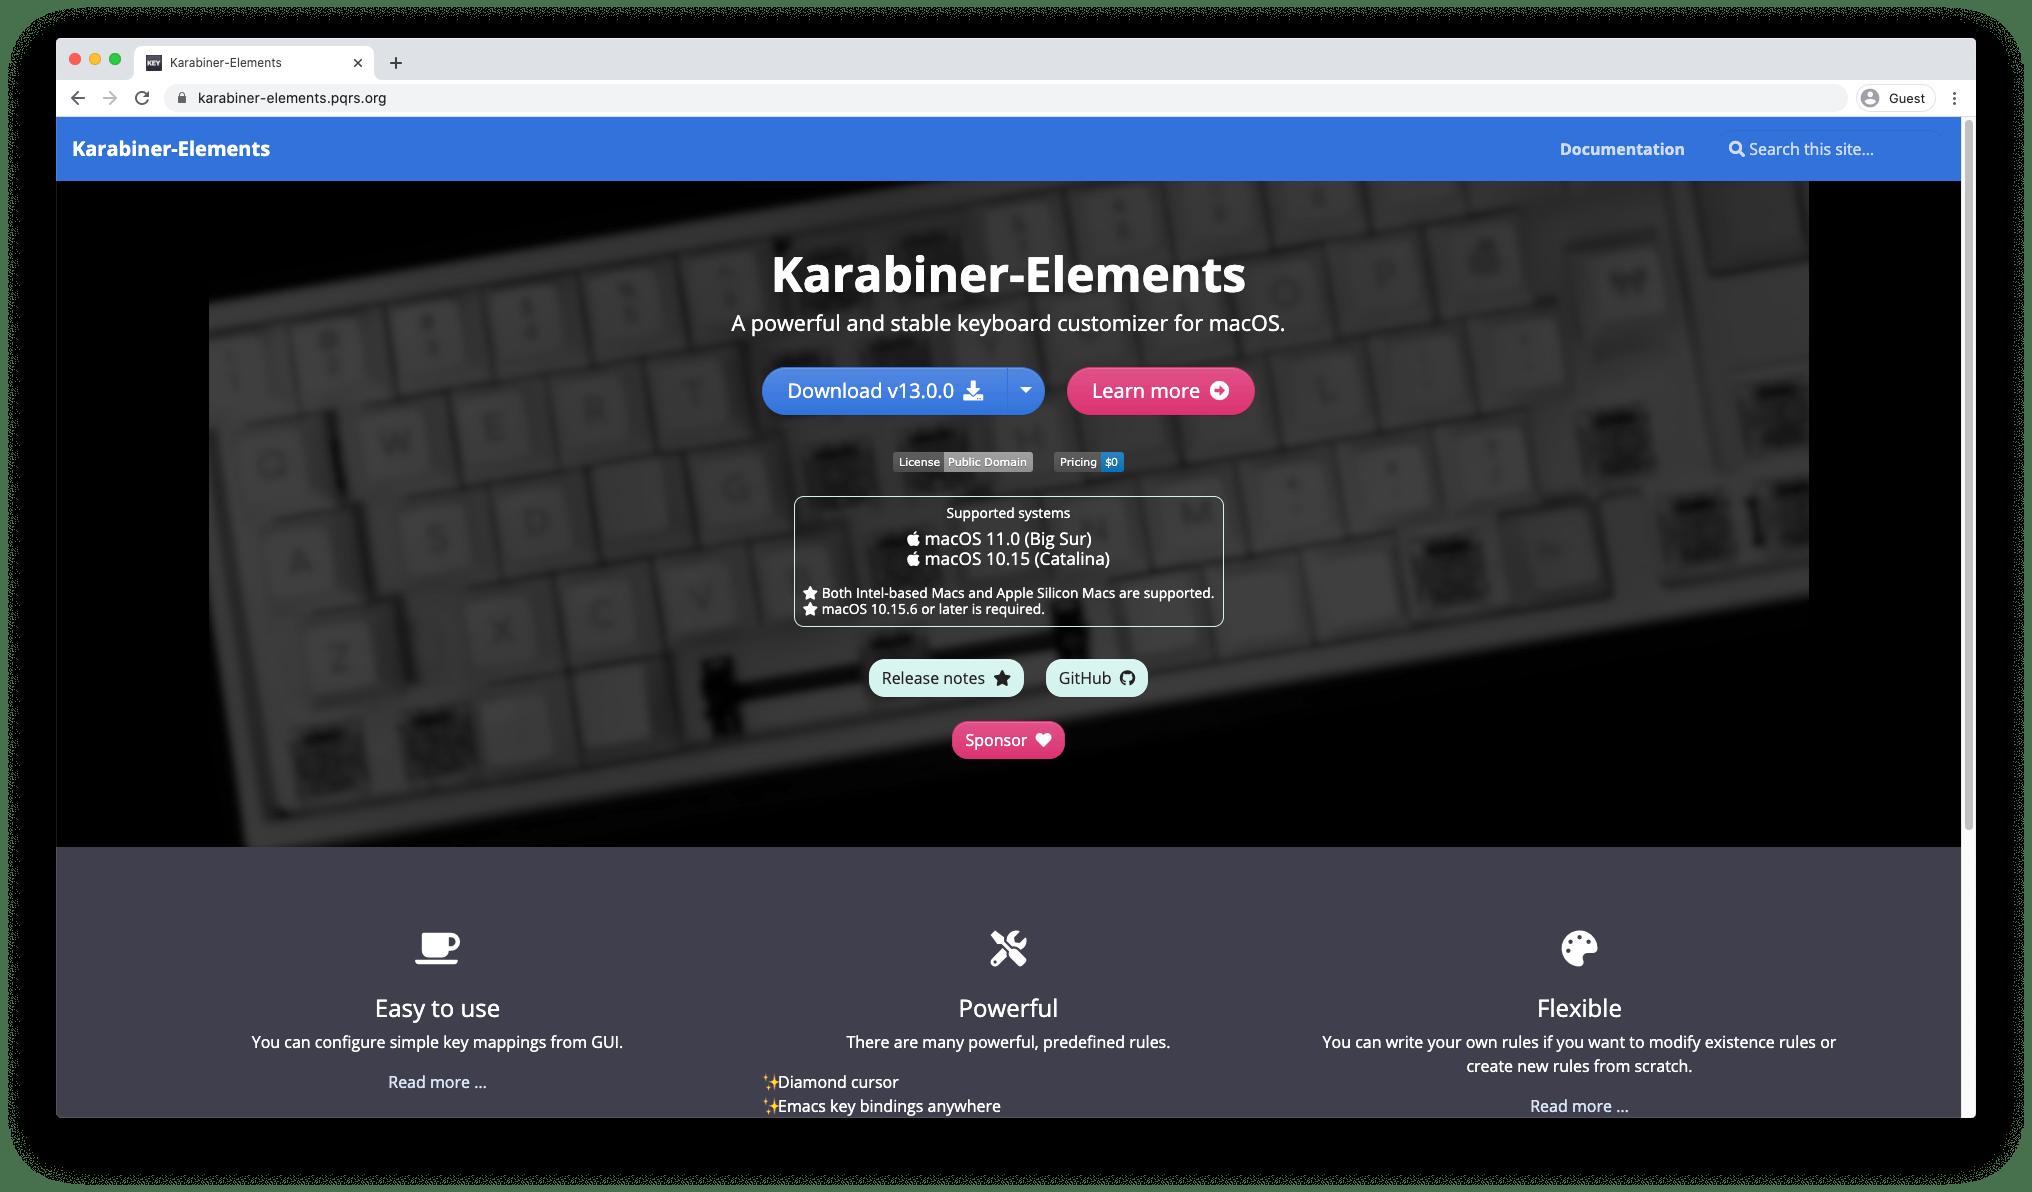 Karabiner Elements